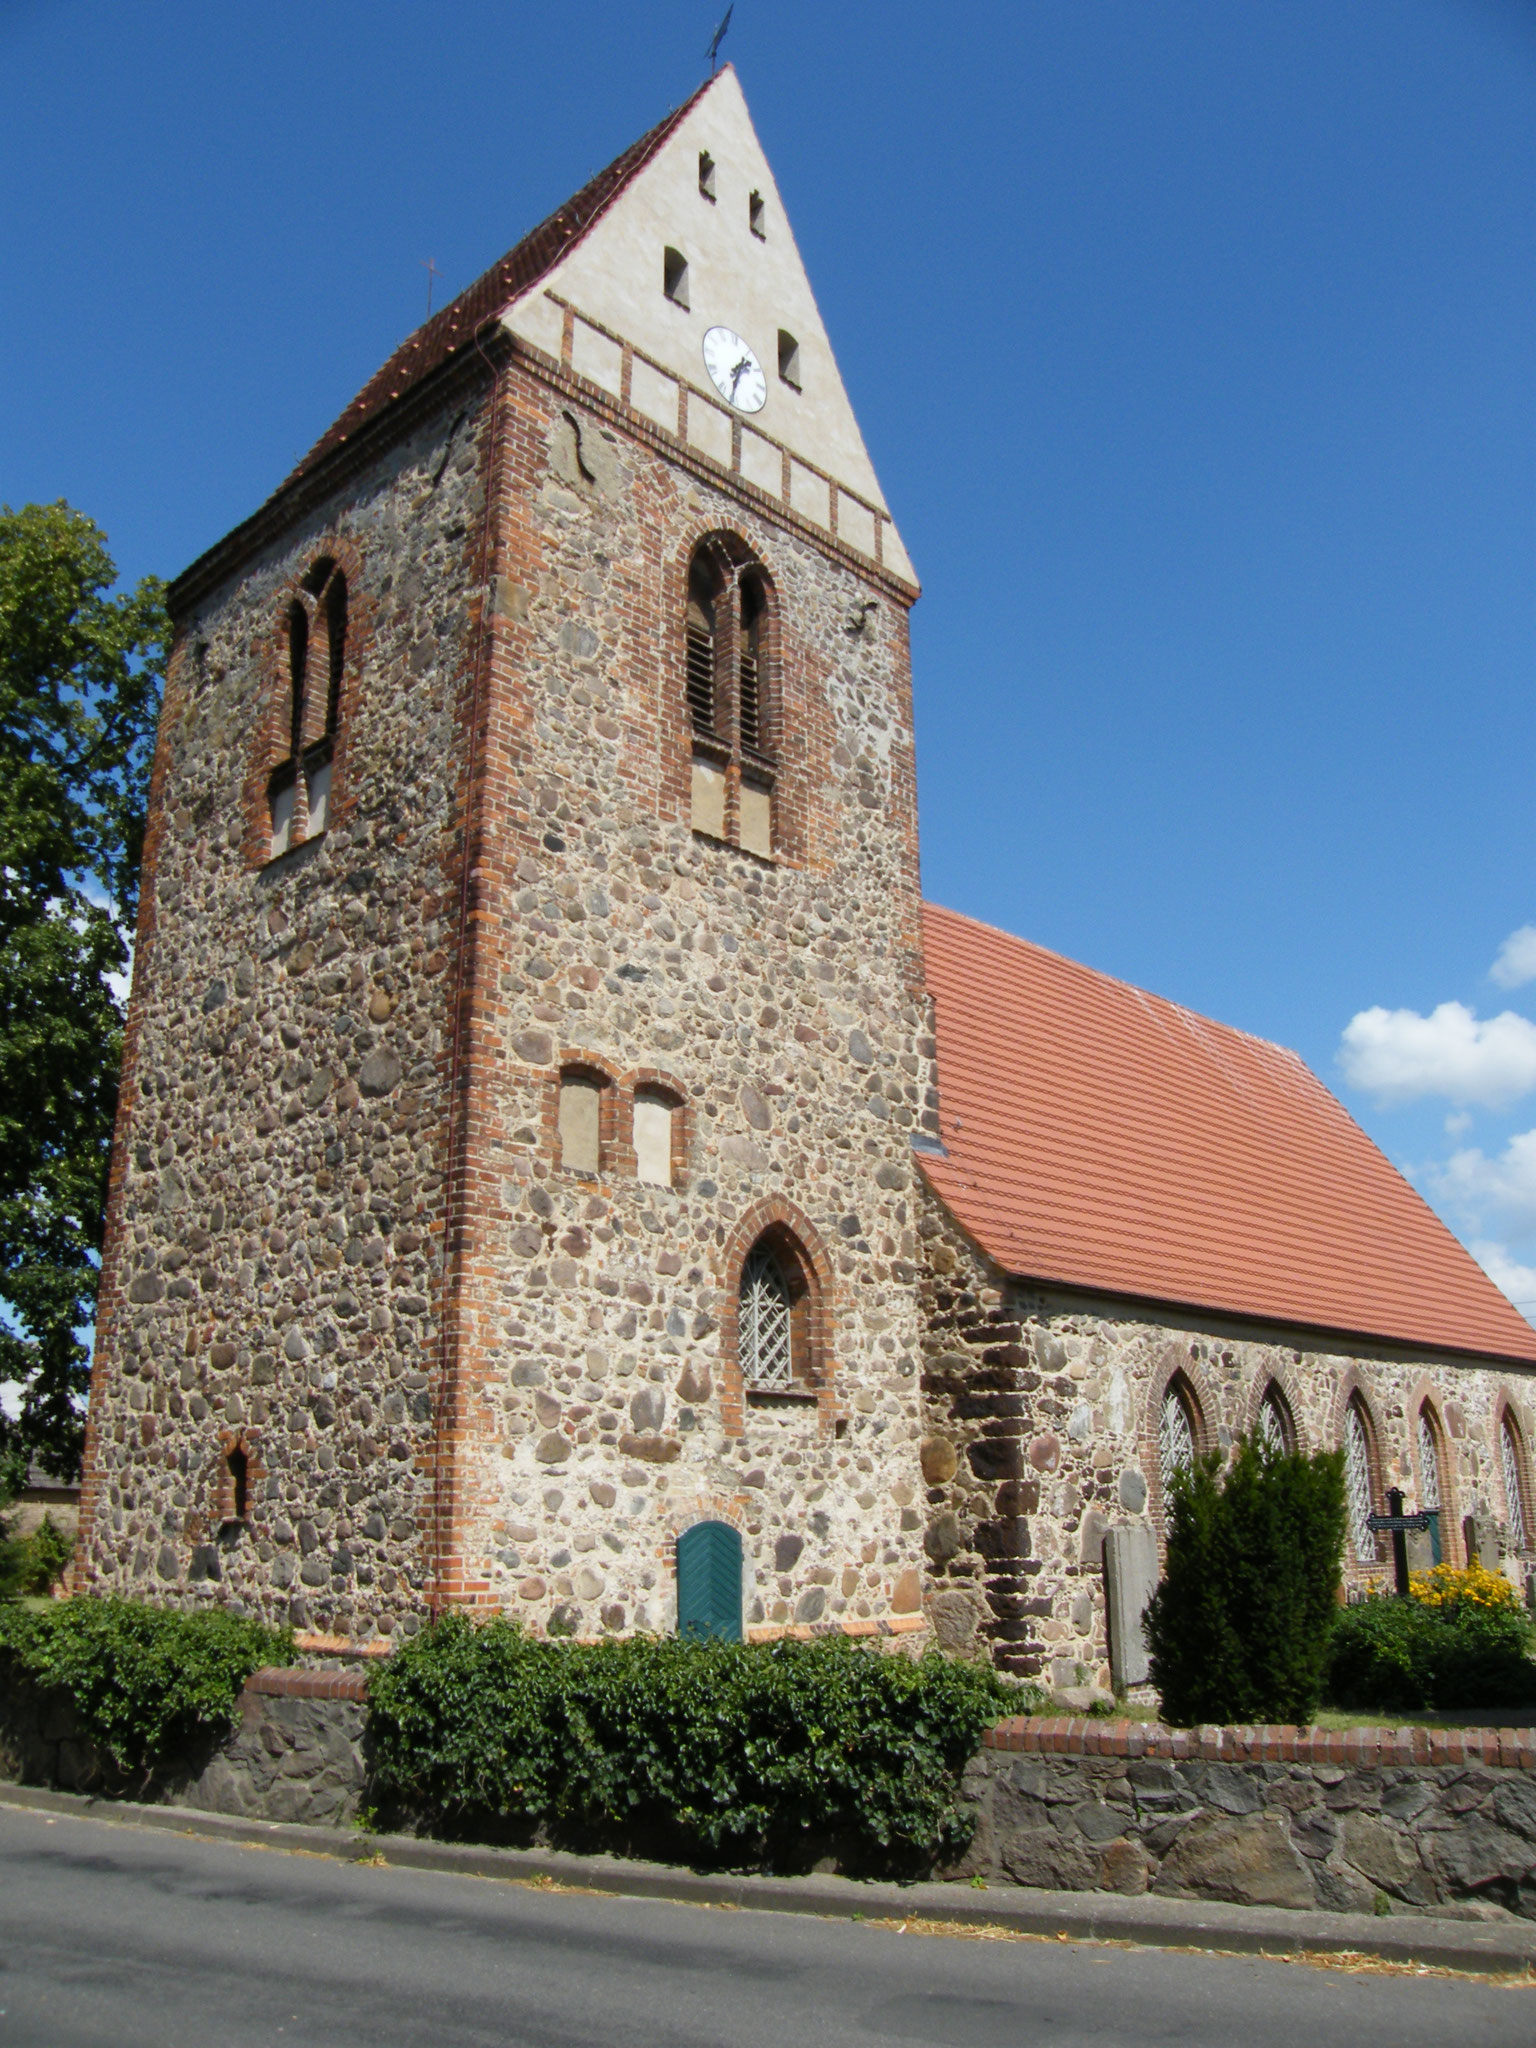 Dorfkirche Schlalach